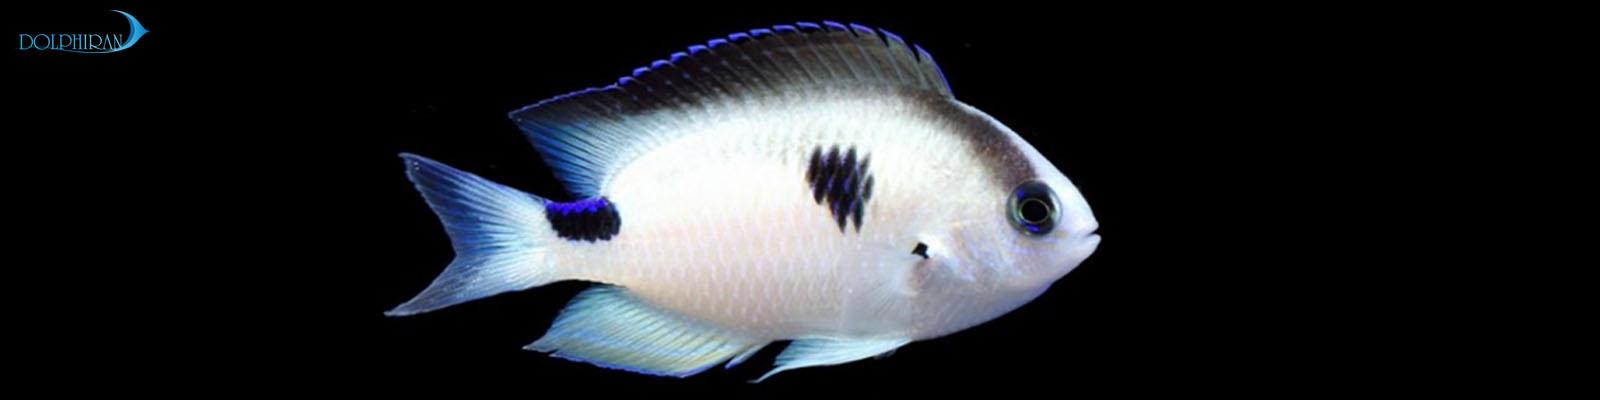 هیچ گاه پیش از این شاهد جمع اوری ماهی دامسل توسط شرکت Blue Ocean SARL نبوده ایم.